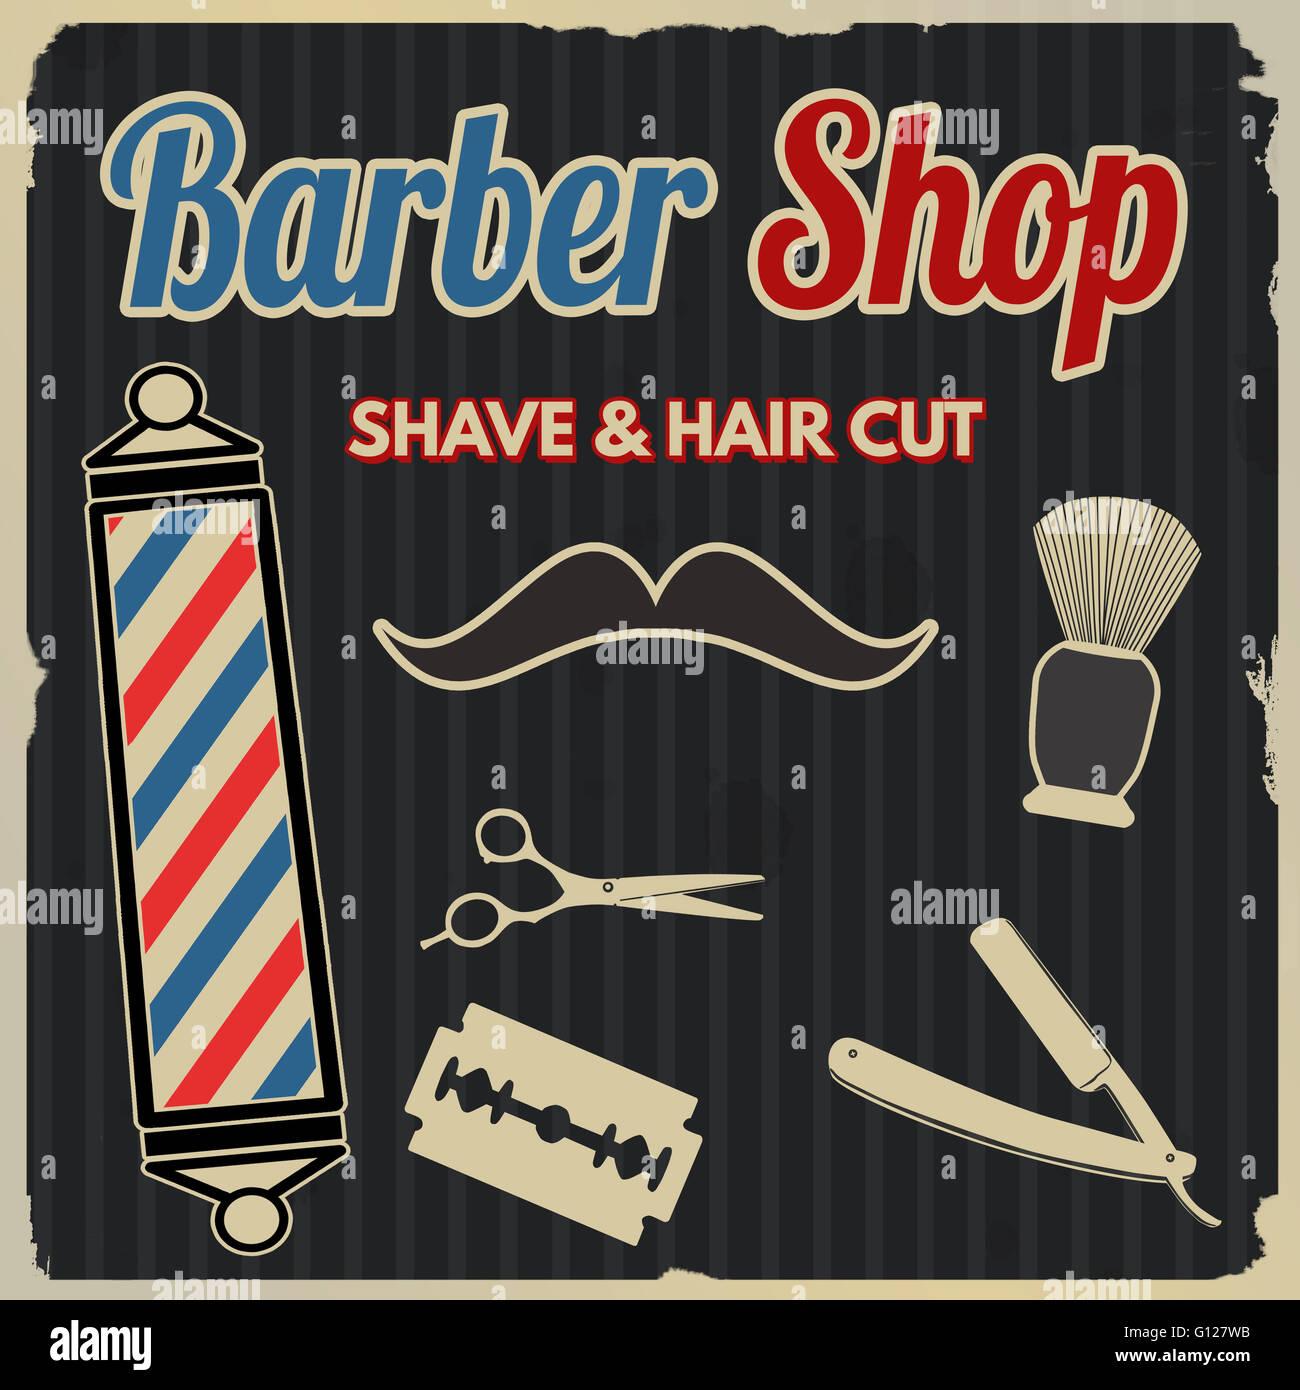 Postereck-Poster 0908-Retro Poster Barbershop Barber Style Men Vintage